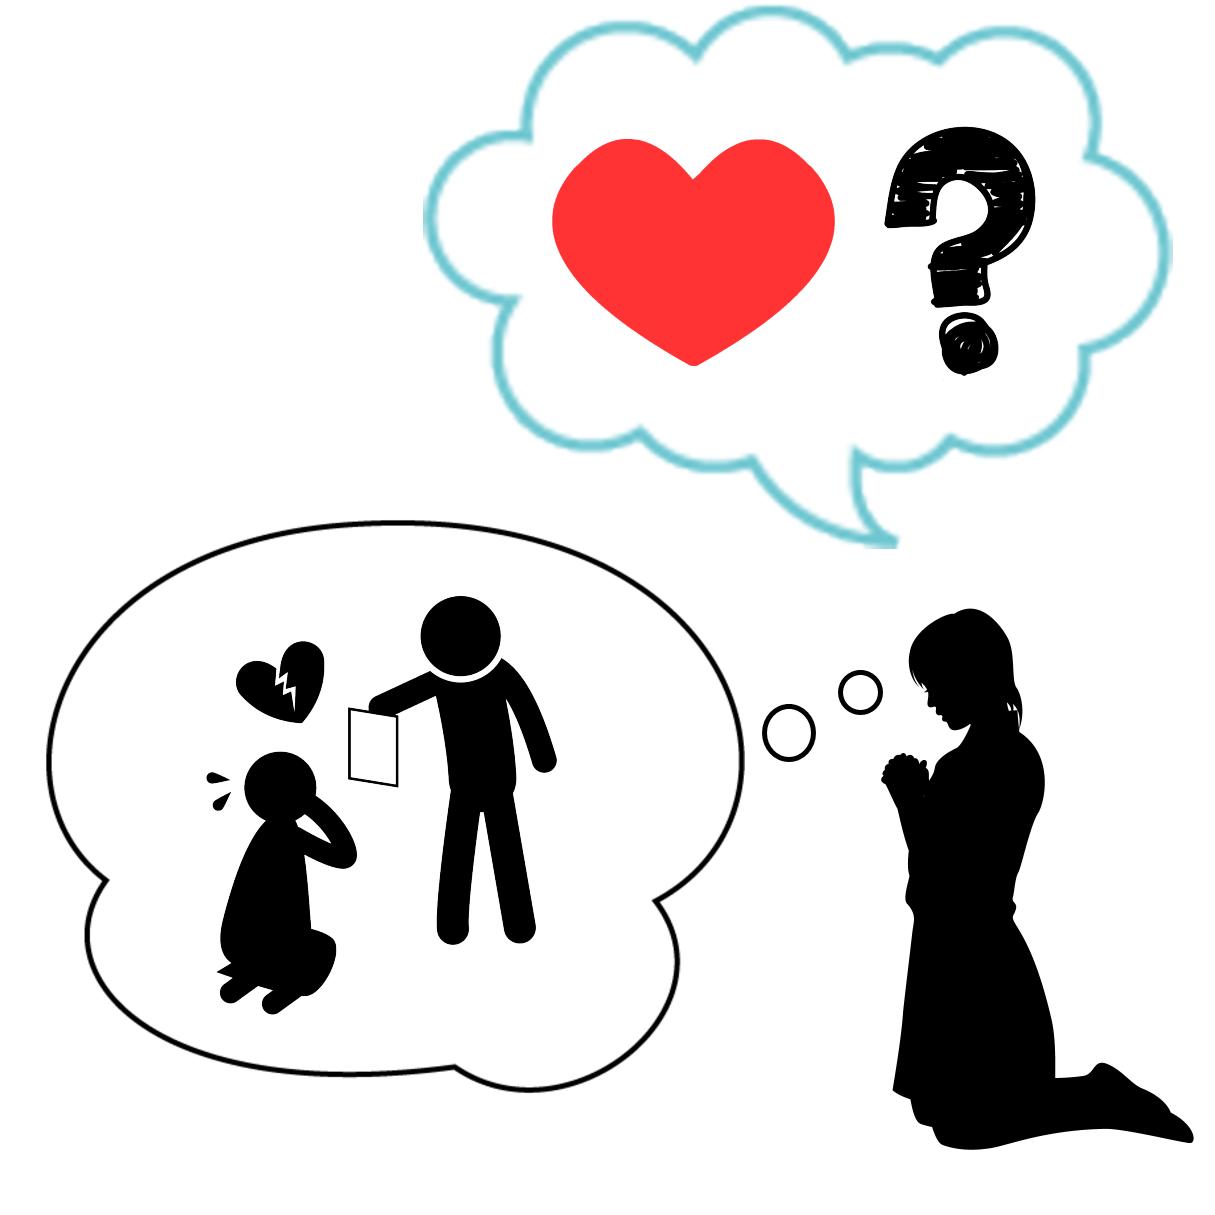 イネイブラータイプの恋愛傾向と機能不全家族の関係を表すイラスト